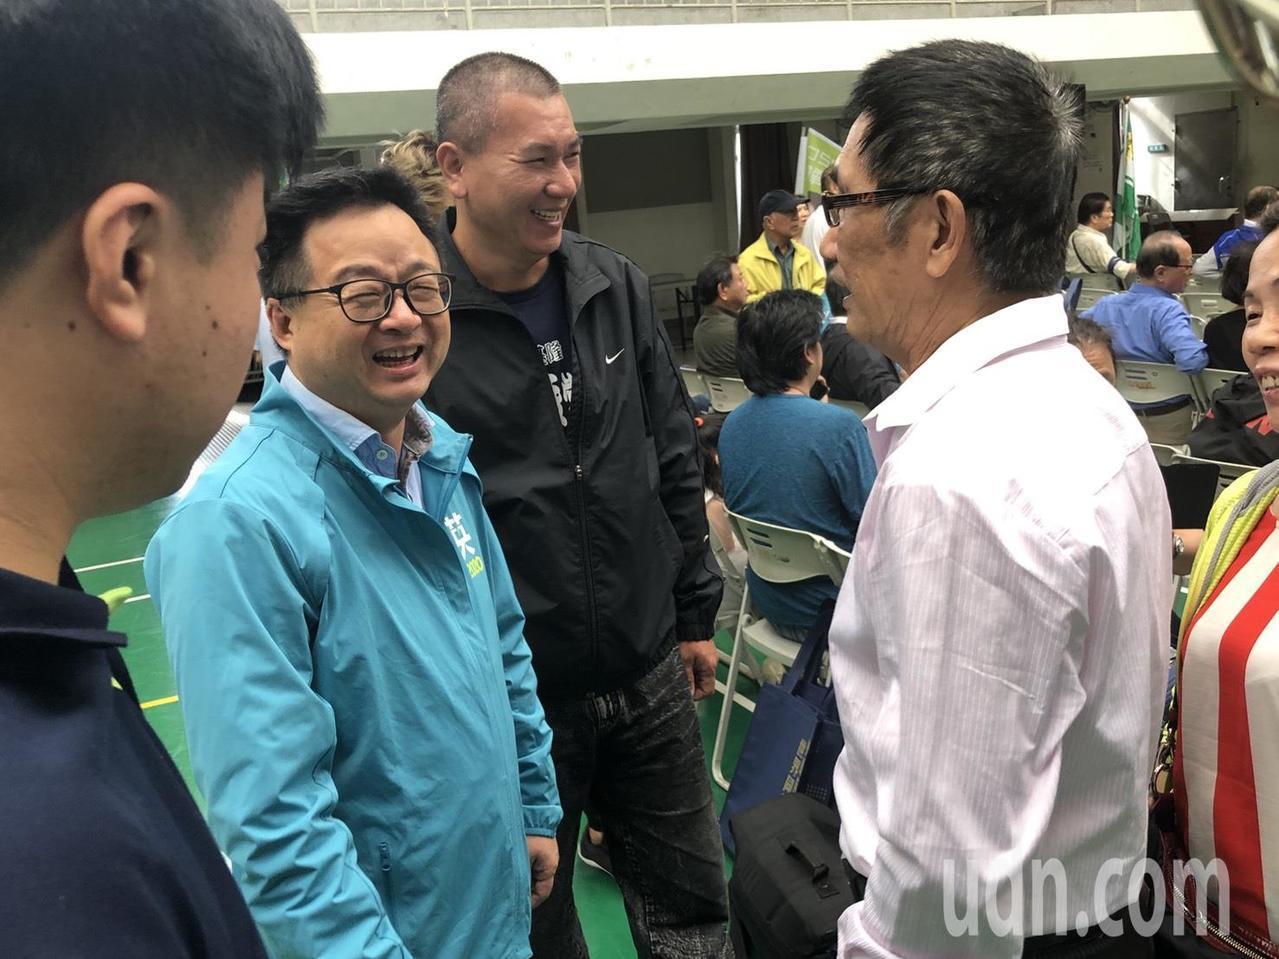 民進黨秘書長羅文嘉今天下午出席台北市立委參選人聯合造勢活動,會前受訪時表示,選舉...